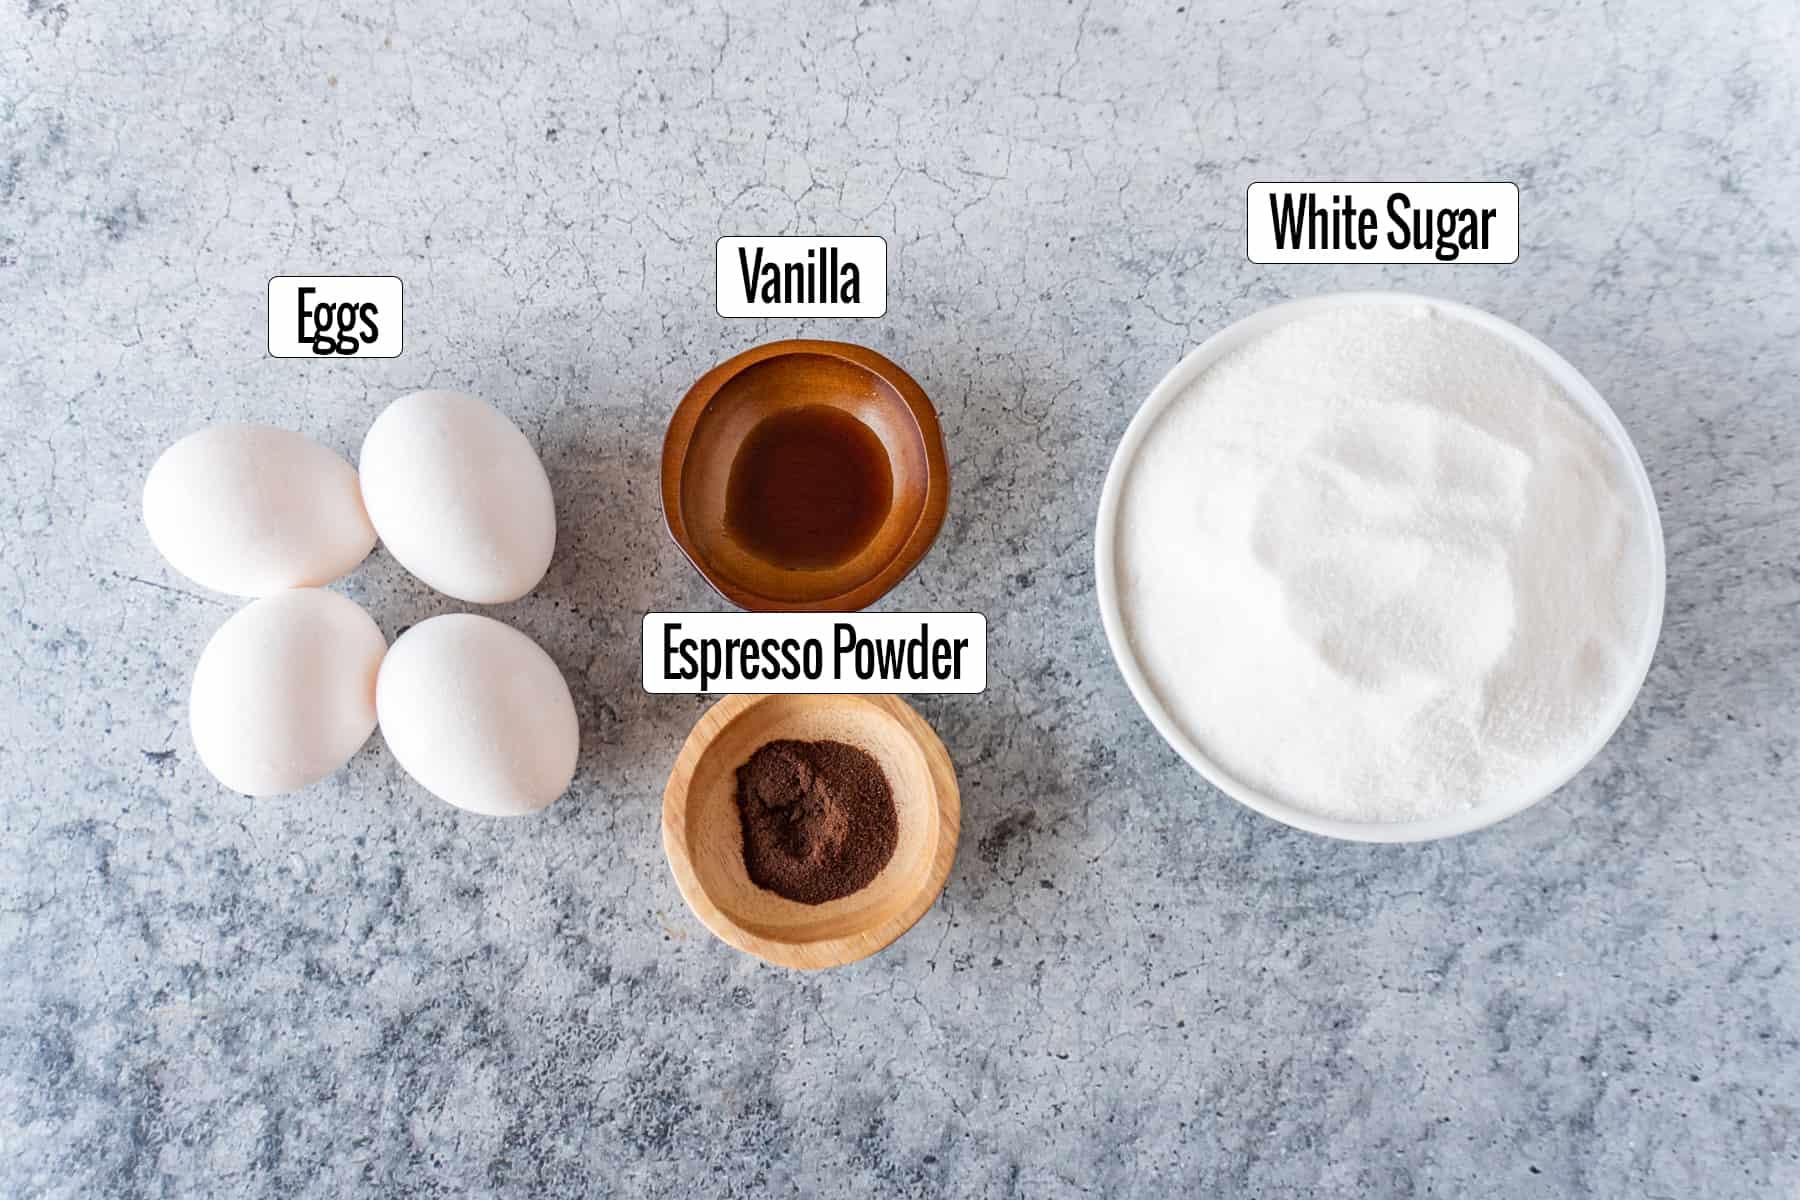 ingredients: eggs, vanilla, espresso powder, sugar